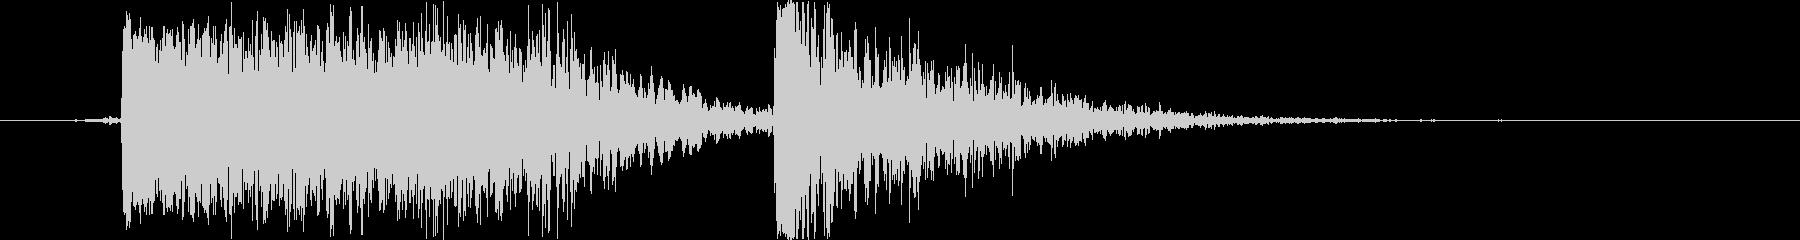 土魔法の音1(巨大な岩をぶつける)の未再生の波形